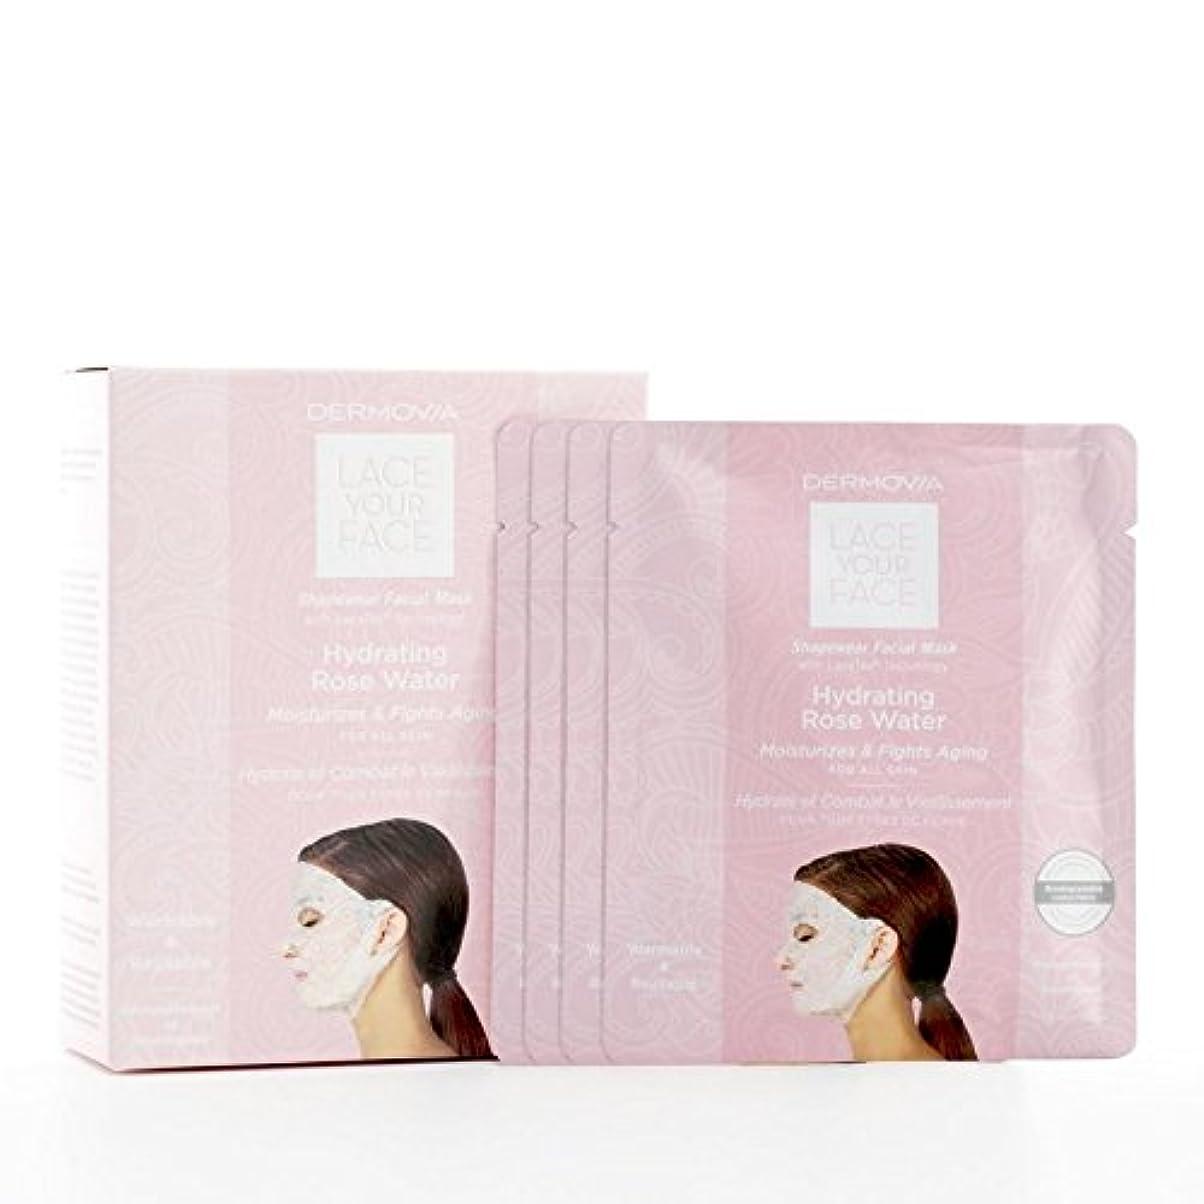 科学者和解するシマウマは、あなたの顔の圧縮フェイシャルマスク水和が水をバラレース x4 - Dermovia Lace Your Face Compression Facial Mask Hydrating Rose Water (Pack...